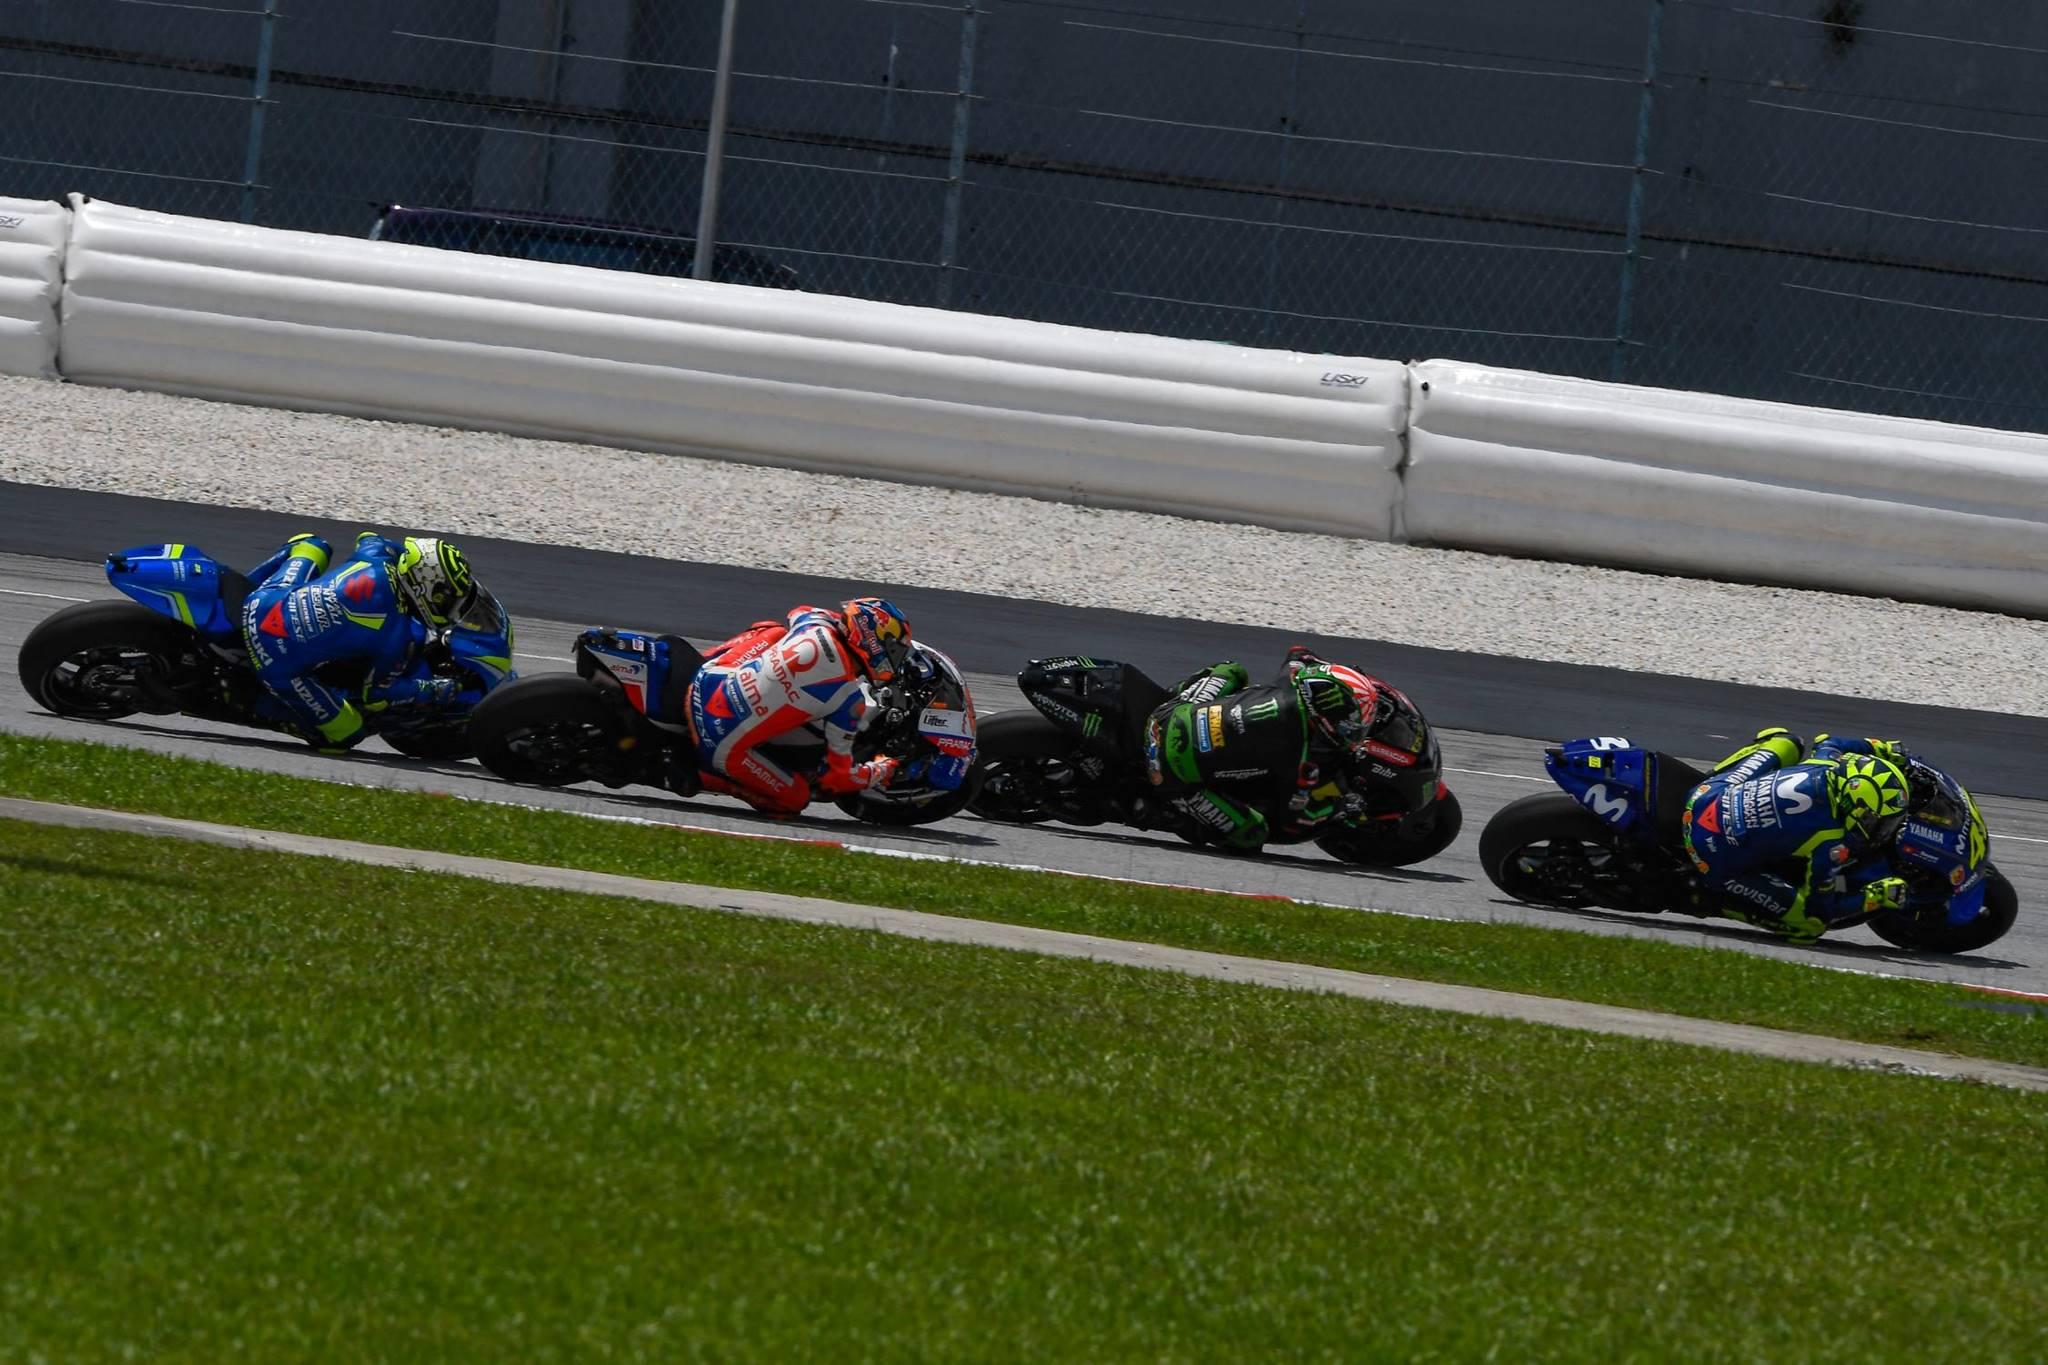 MotoGP_MalaysianGP_2018_Xe_Tinhte_003.jpg